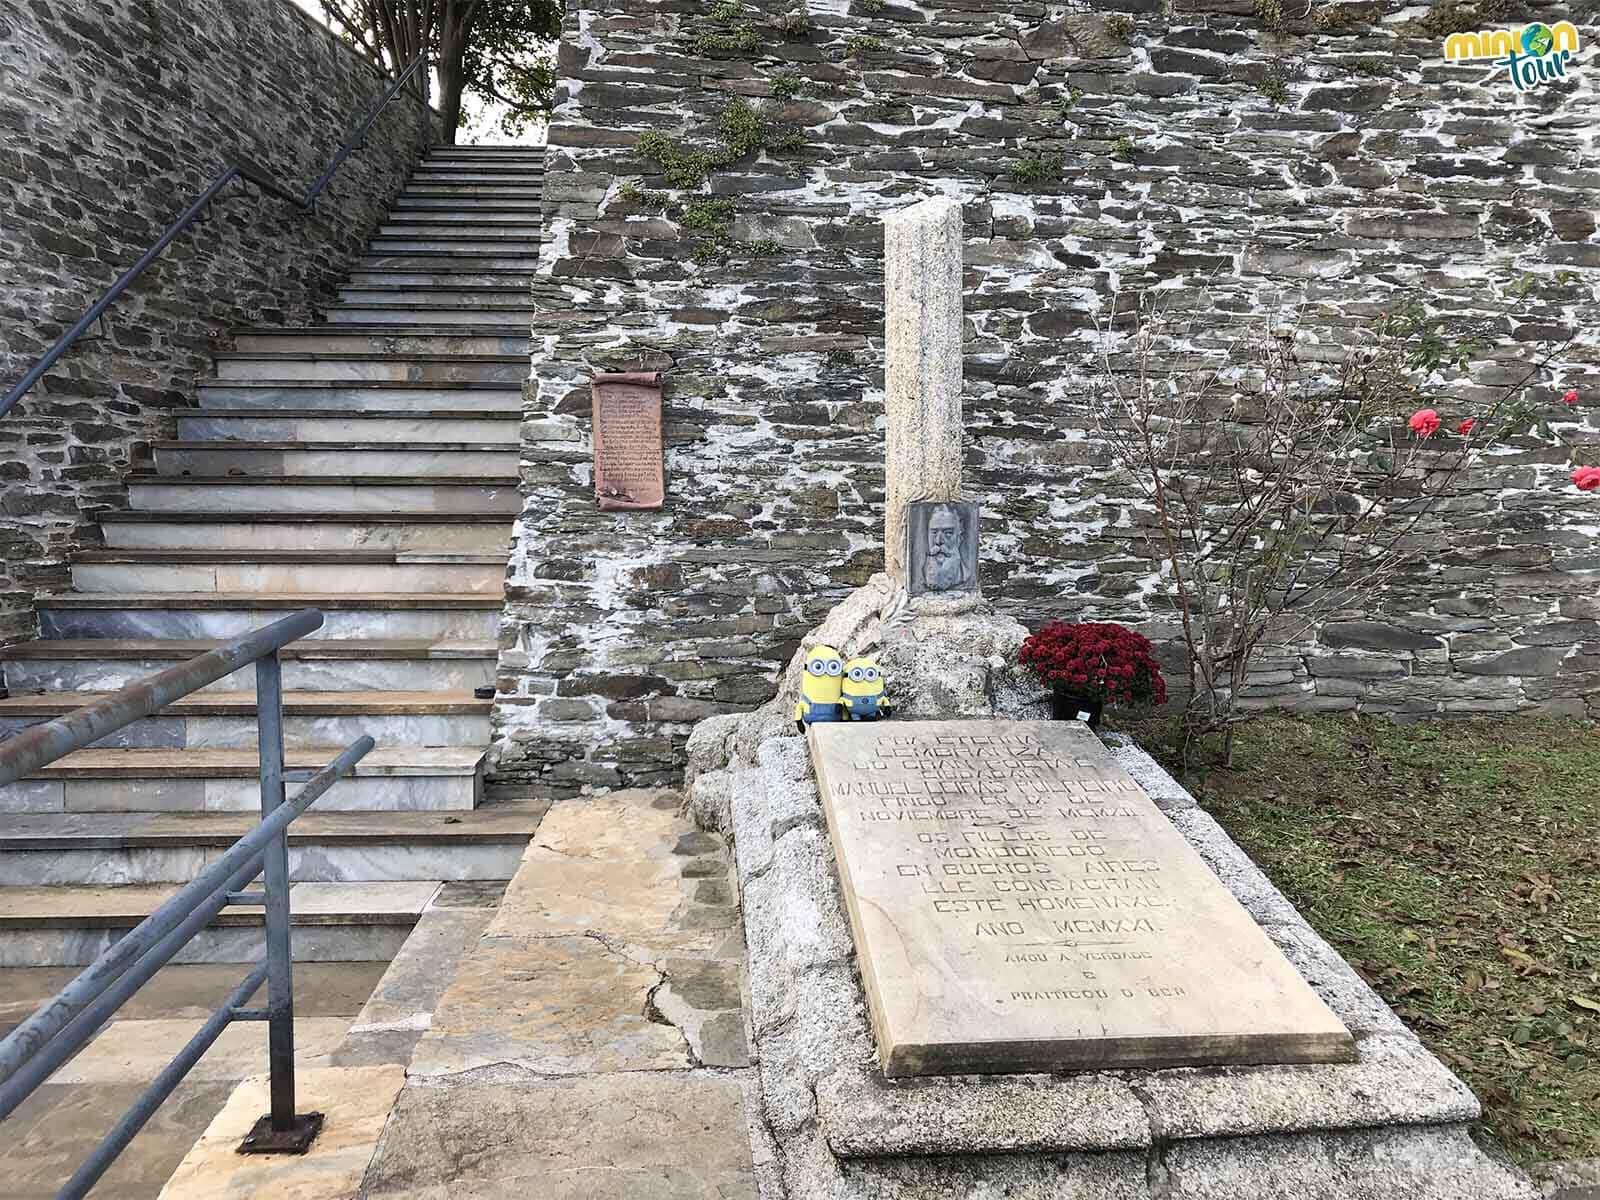 Manuel Leiras Pulpeiro está enterrado en la zona de los ateos del cementerio